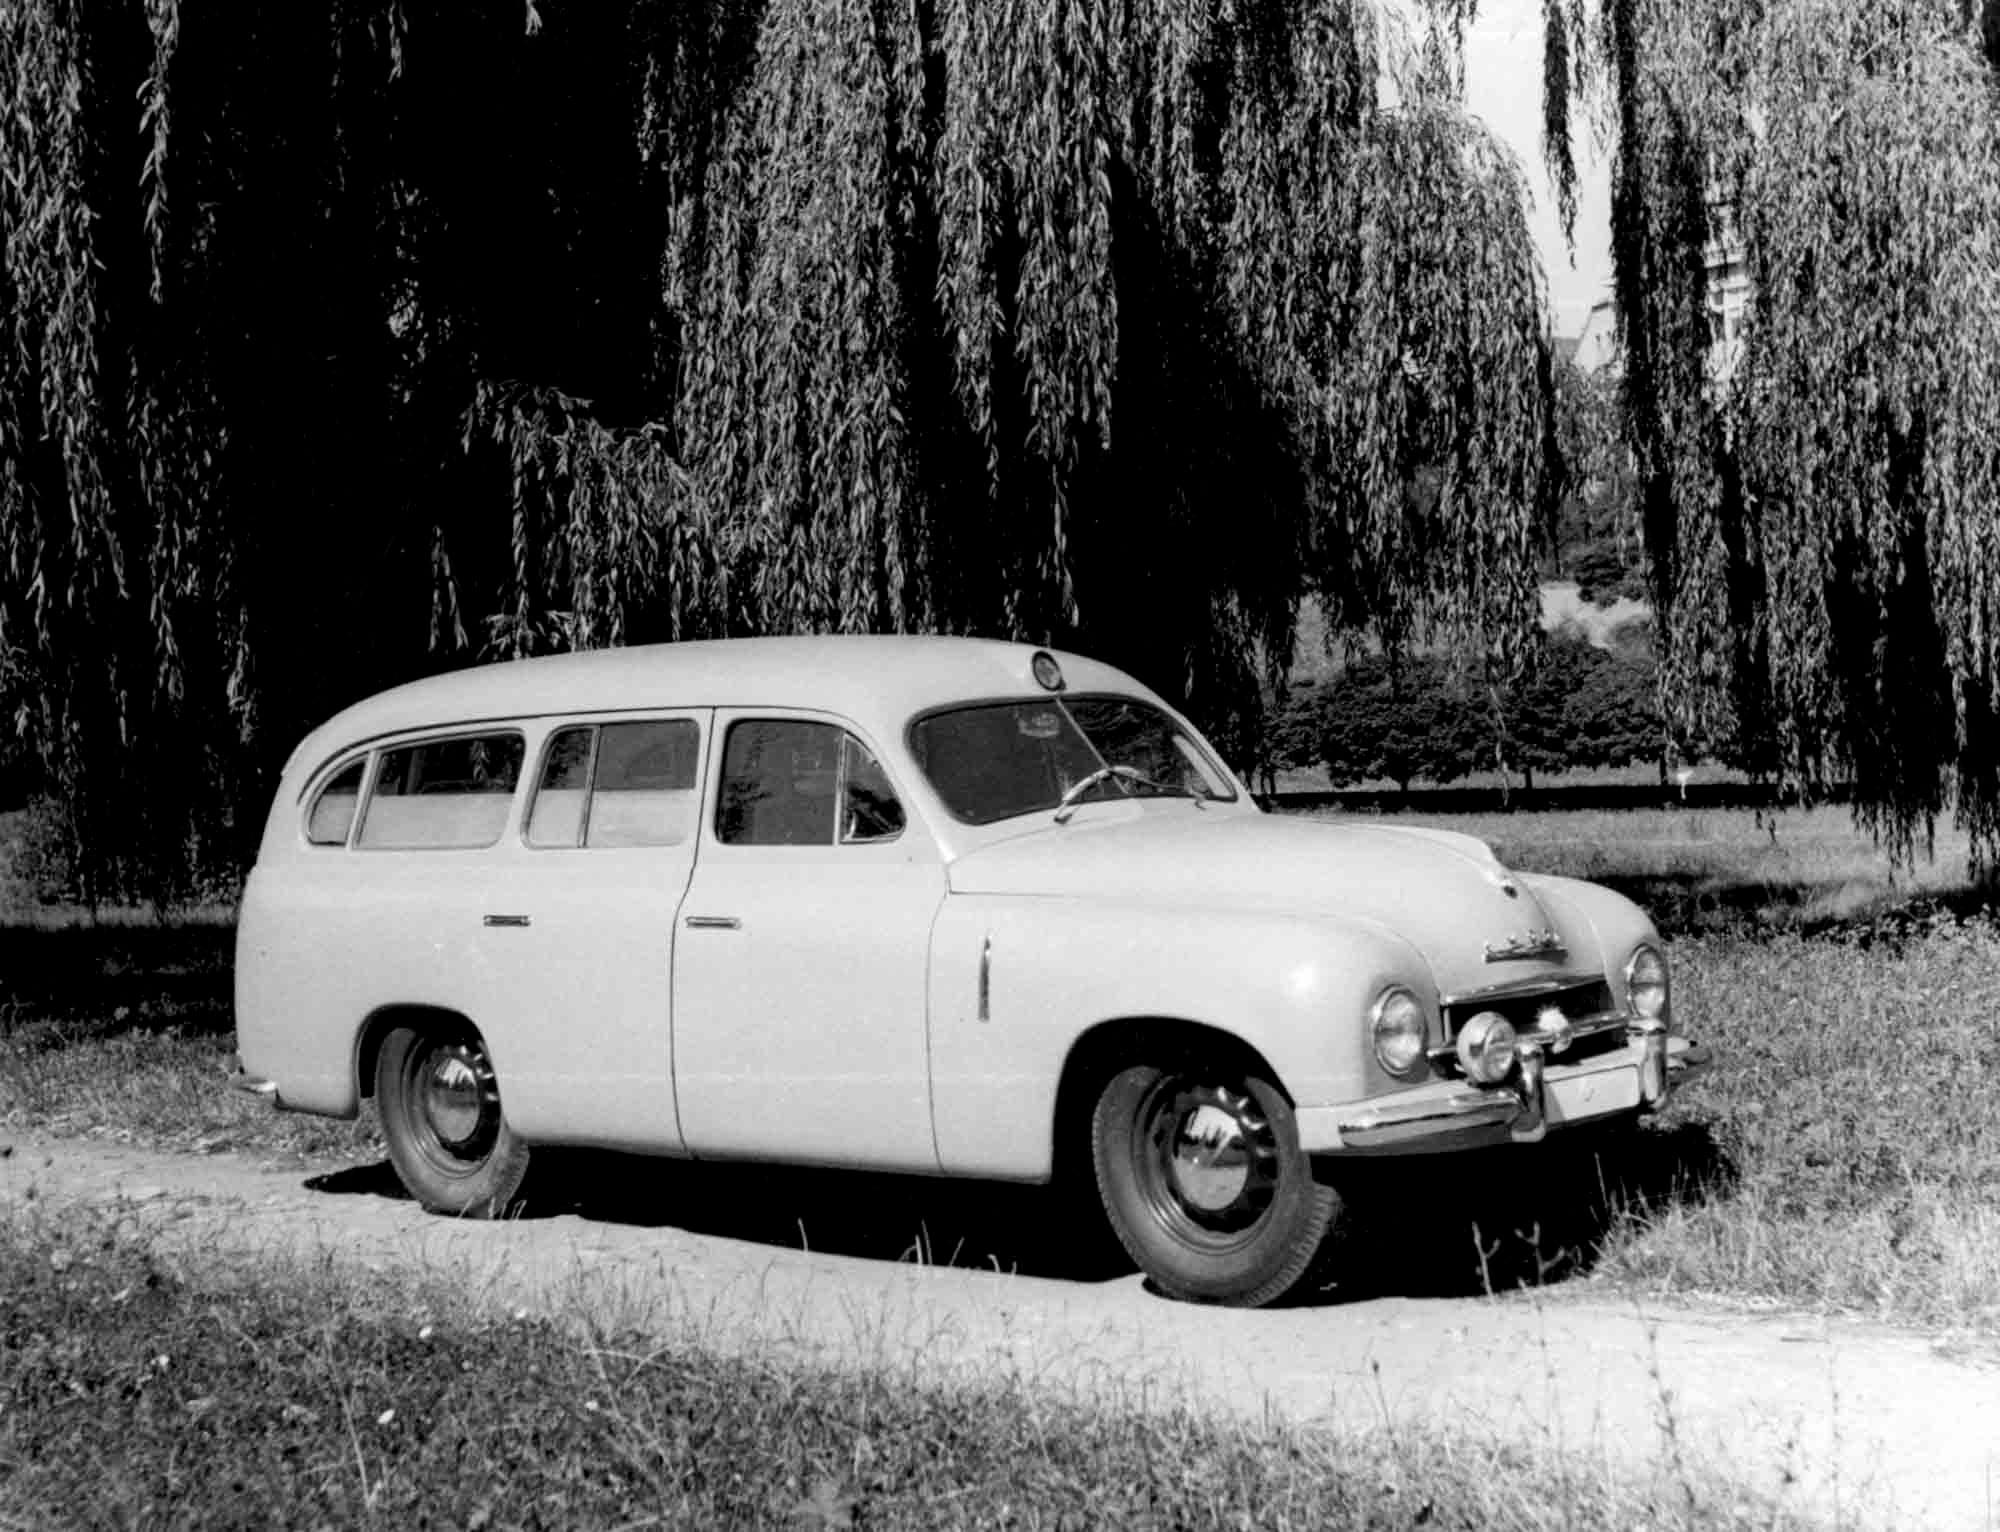 Skoda-amulance-(17)